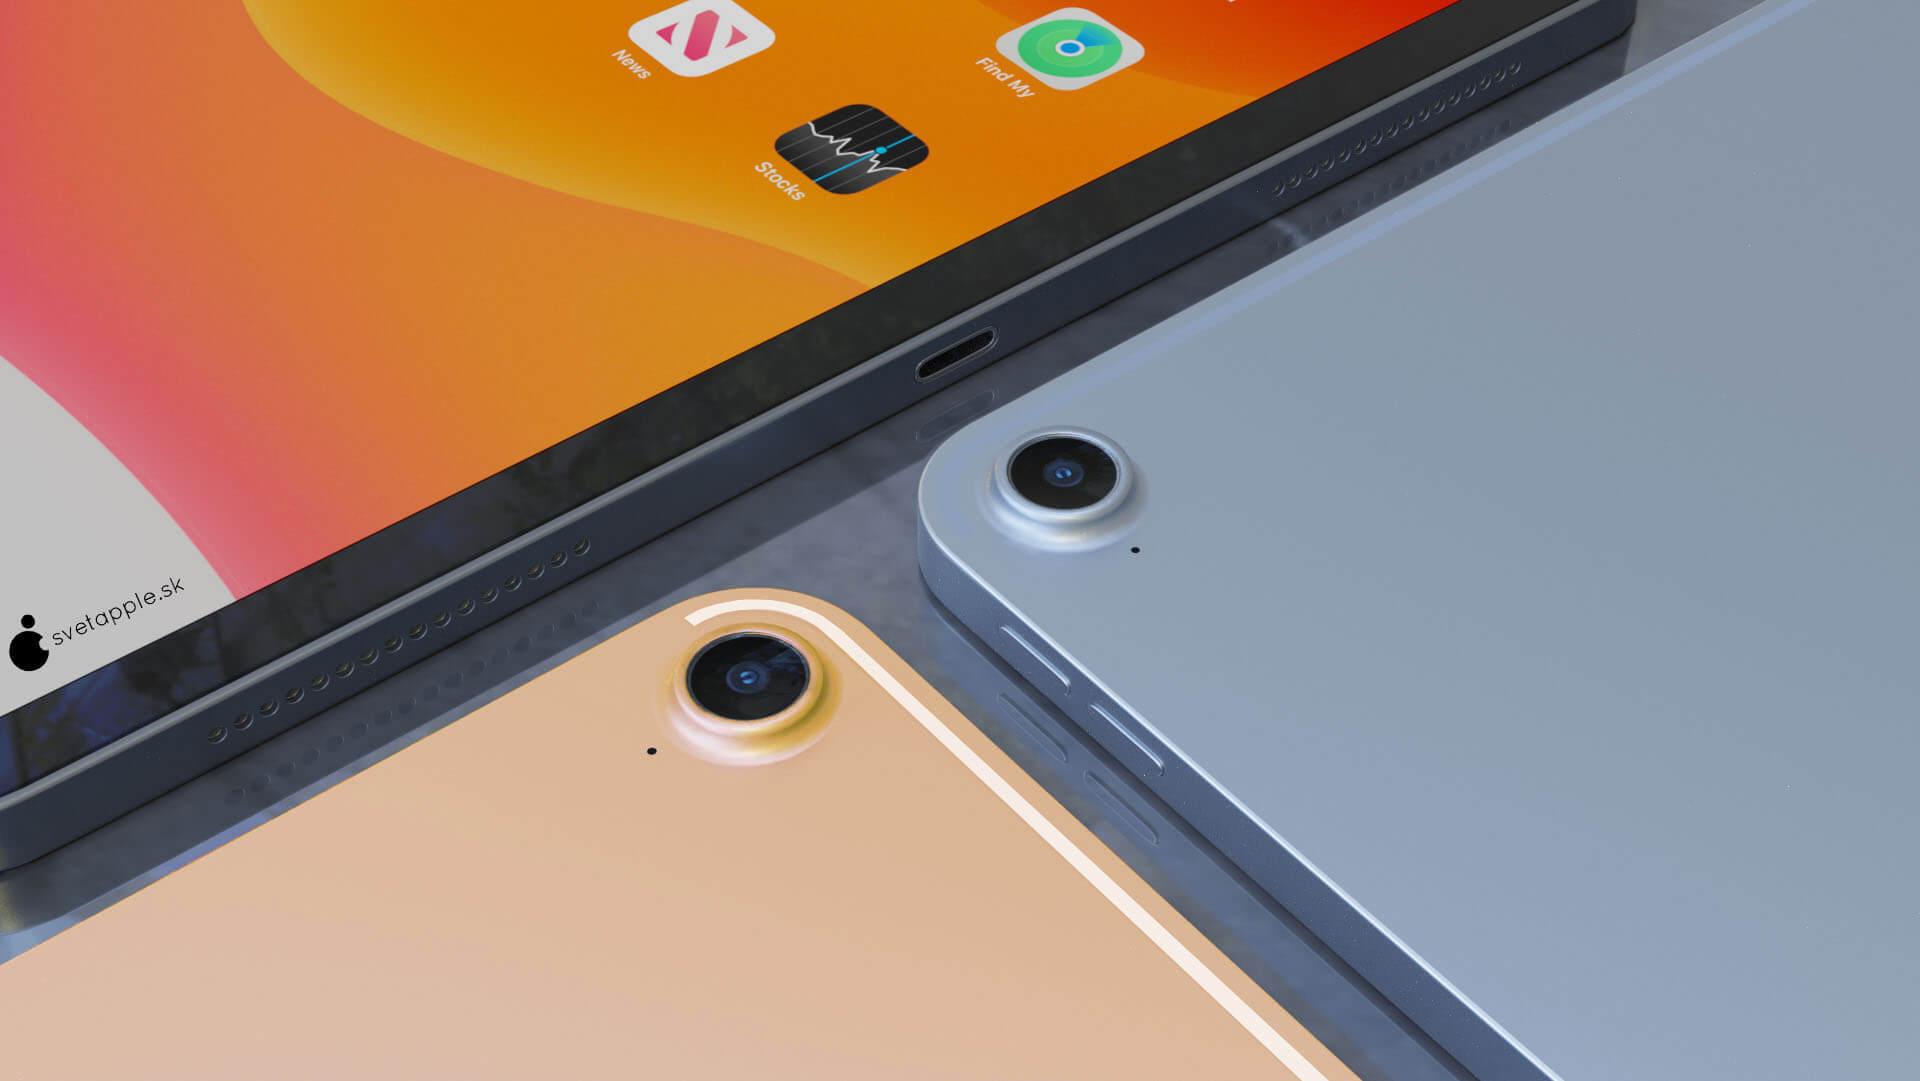 来週発売とうわさのiPad Air 4はこんな感じ?コンセプト画像が公開 tech200903_ipadair_4